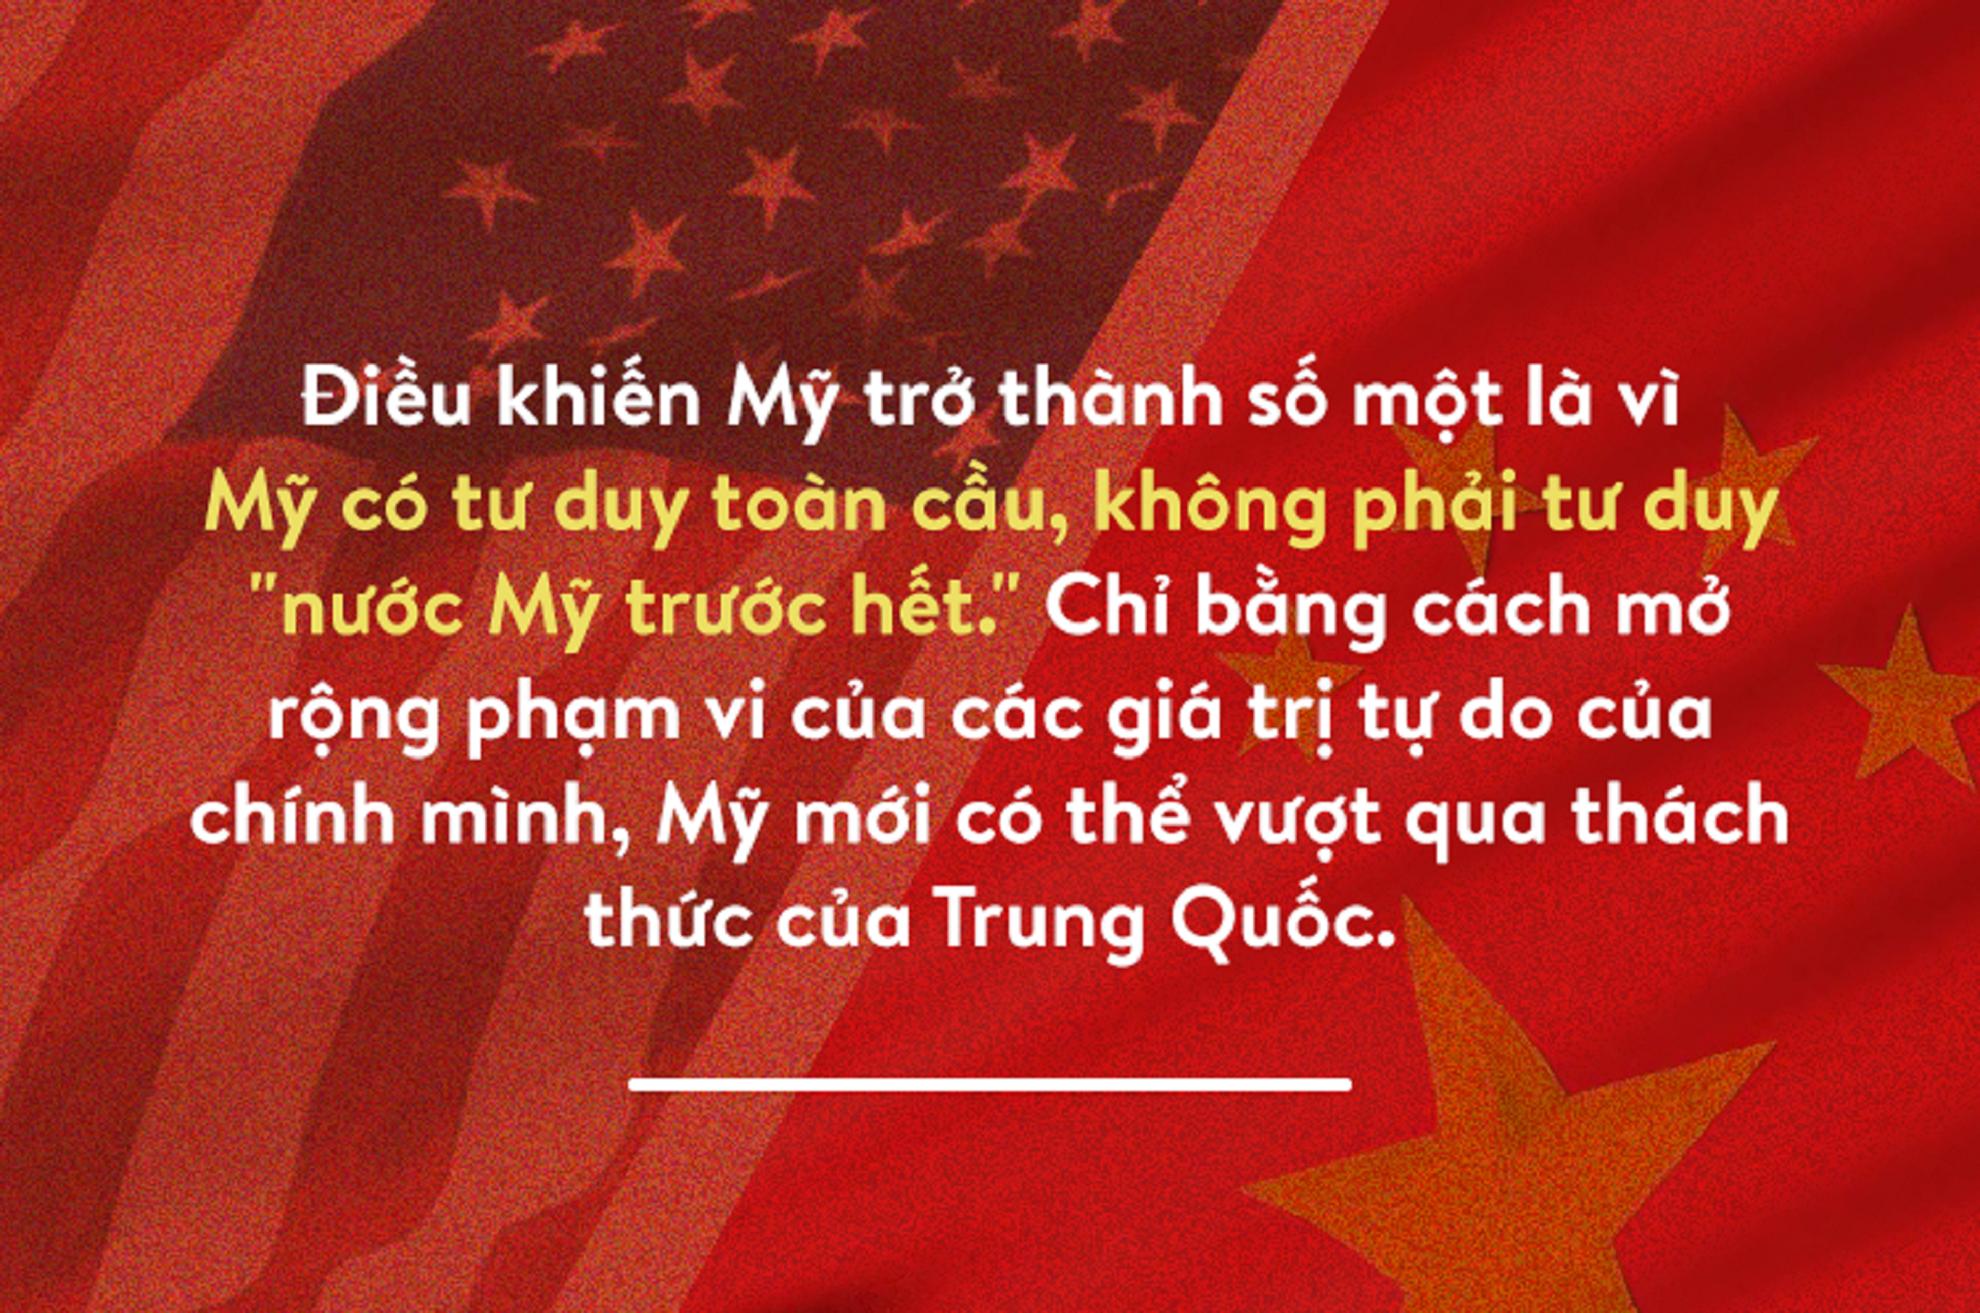 Trung Quốc che đậy tham vọng siêu cường như thế nào? - ảnh 16